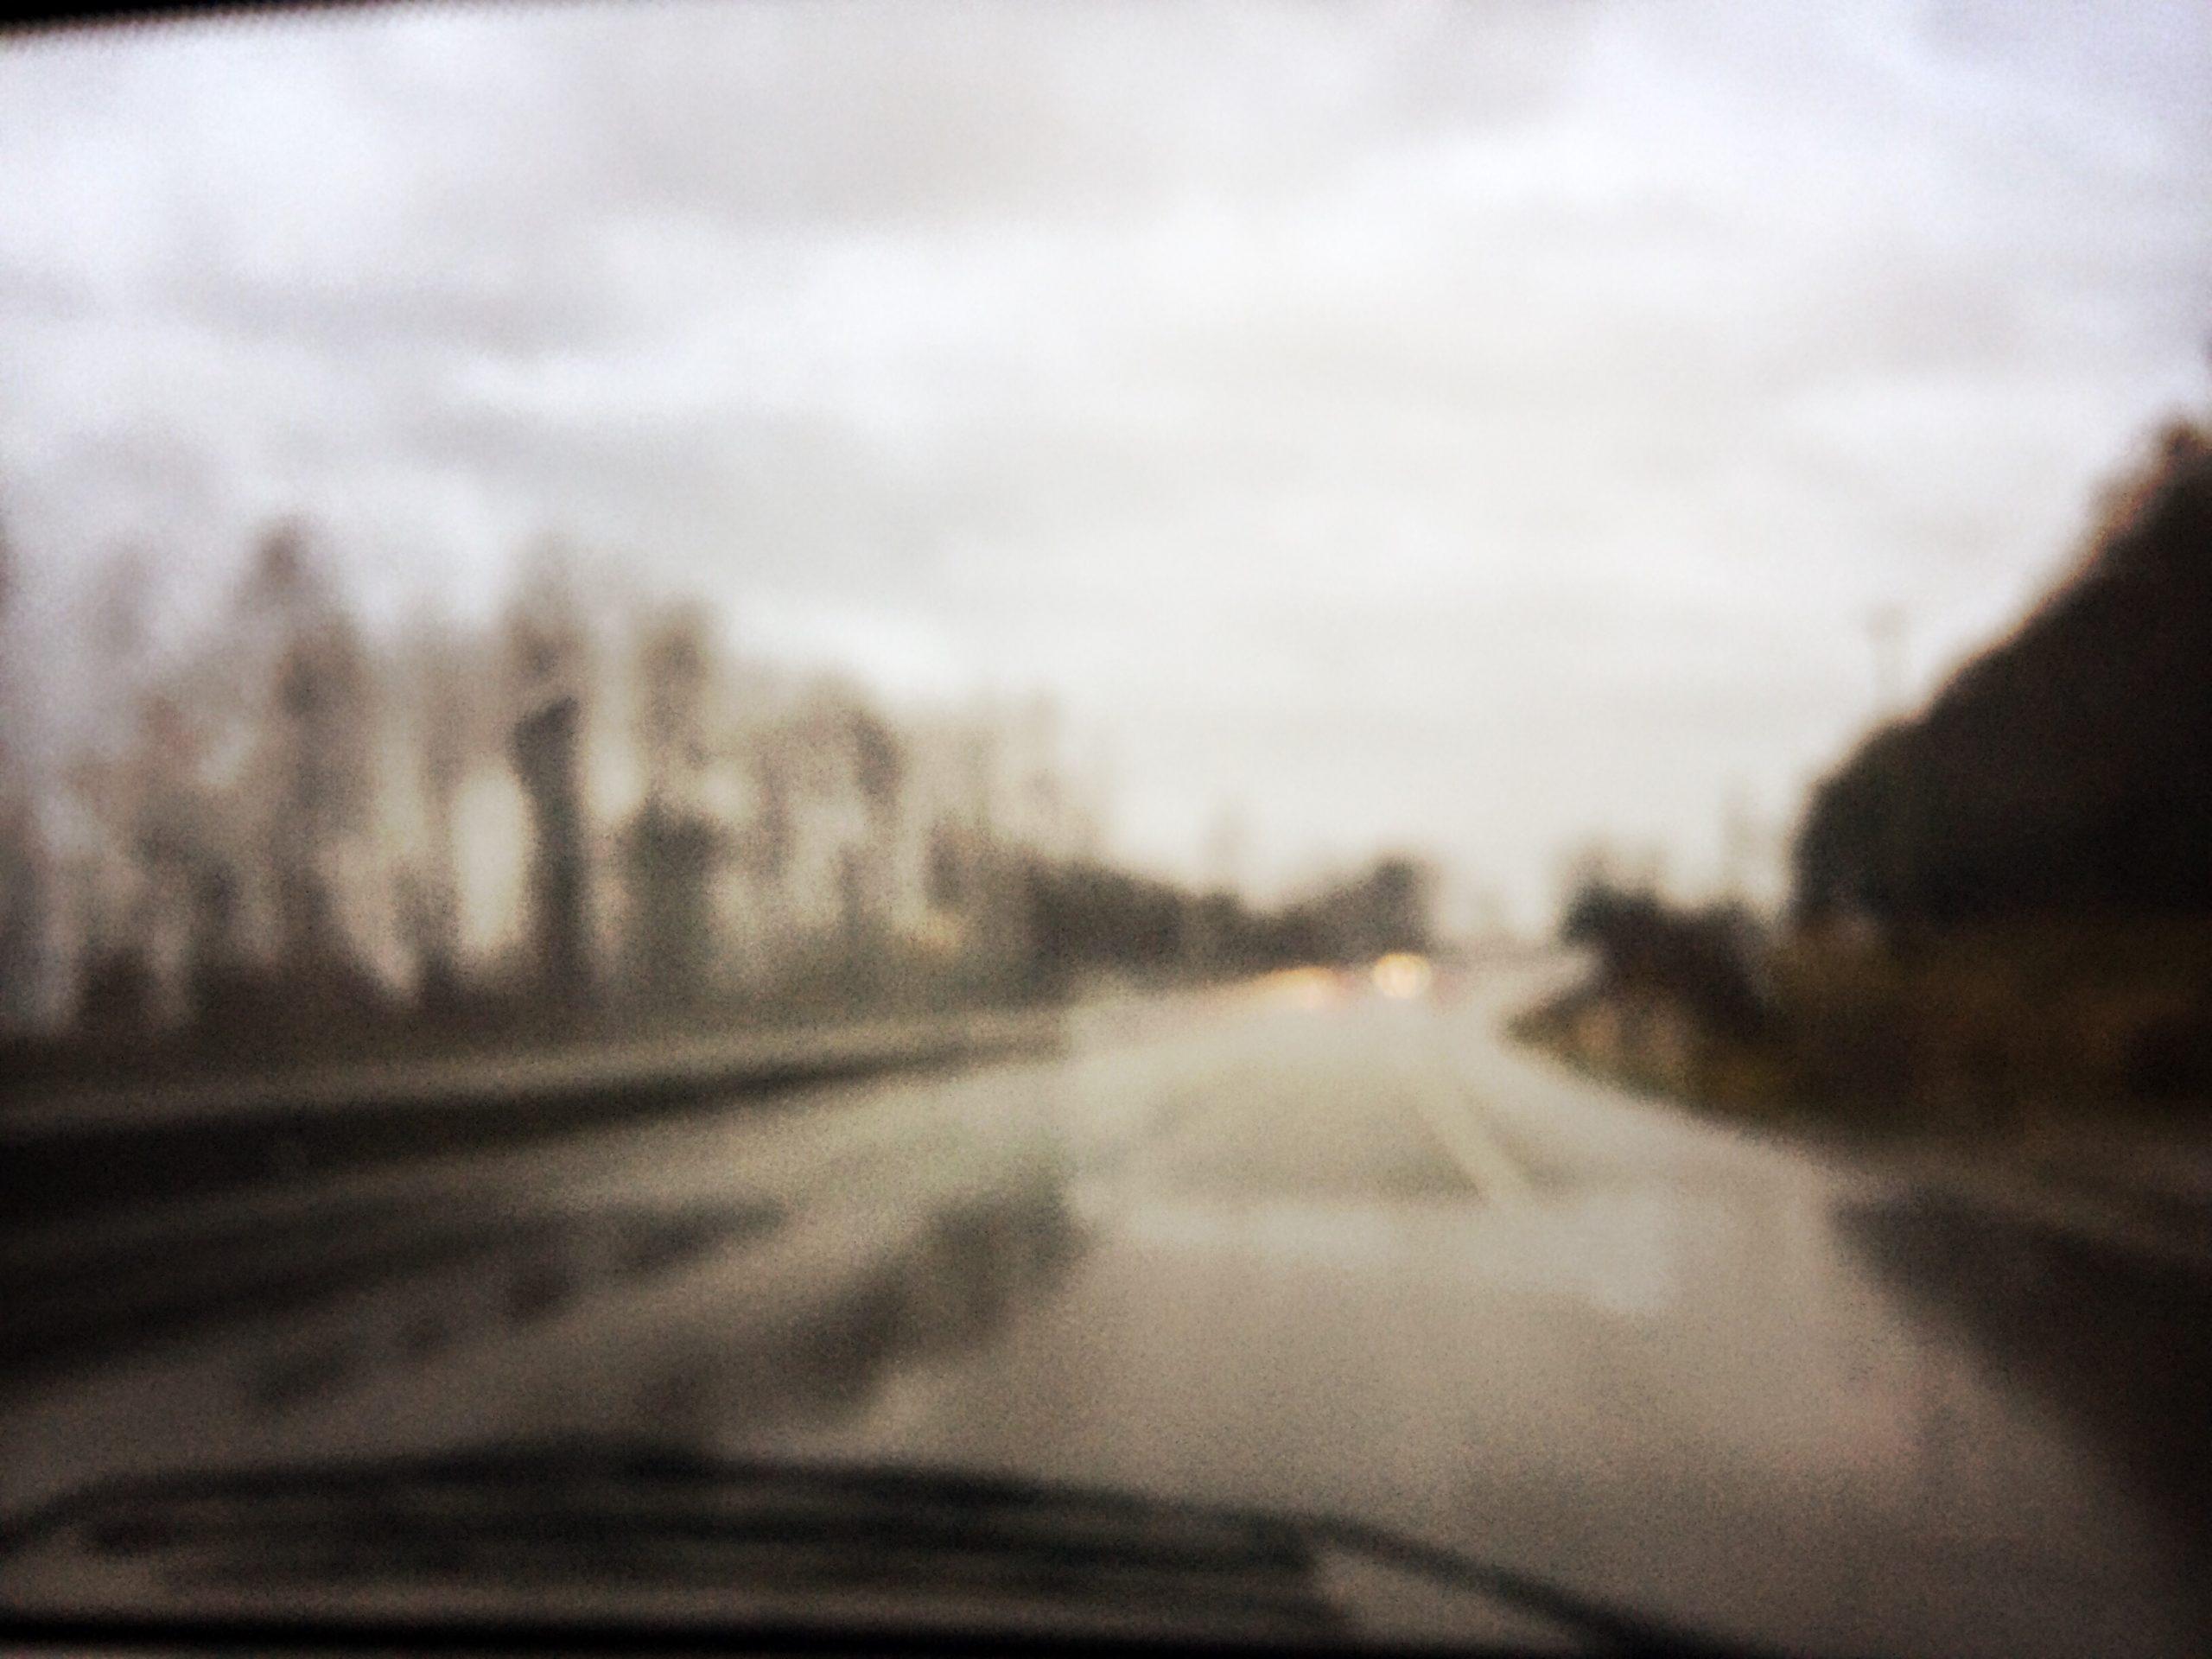 It's all a blur